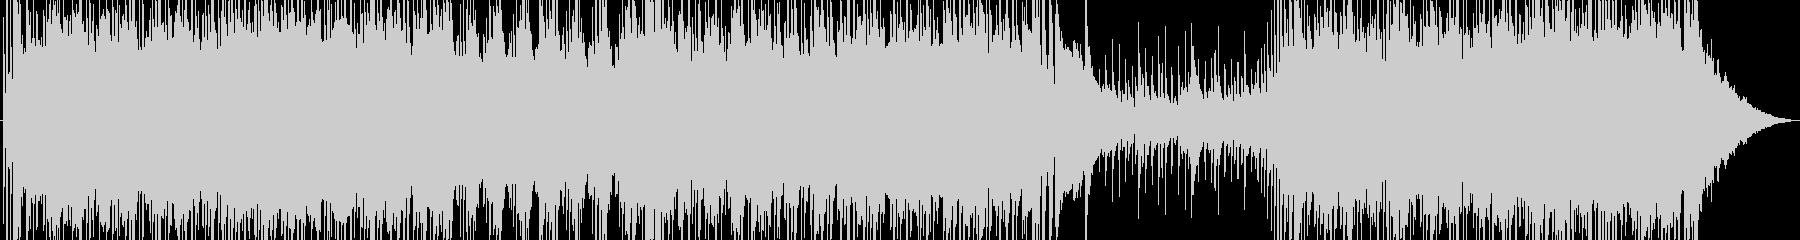 オリエンタルなフレーズが印象的なロックの未再生の波形